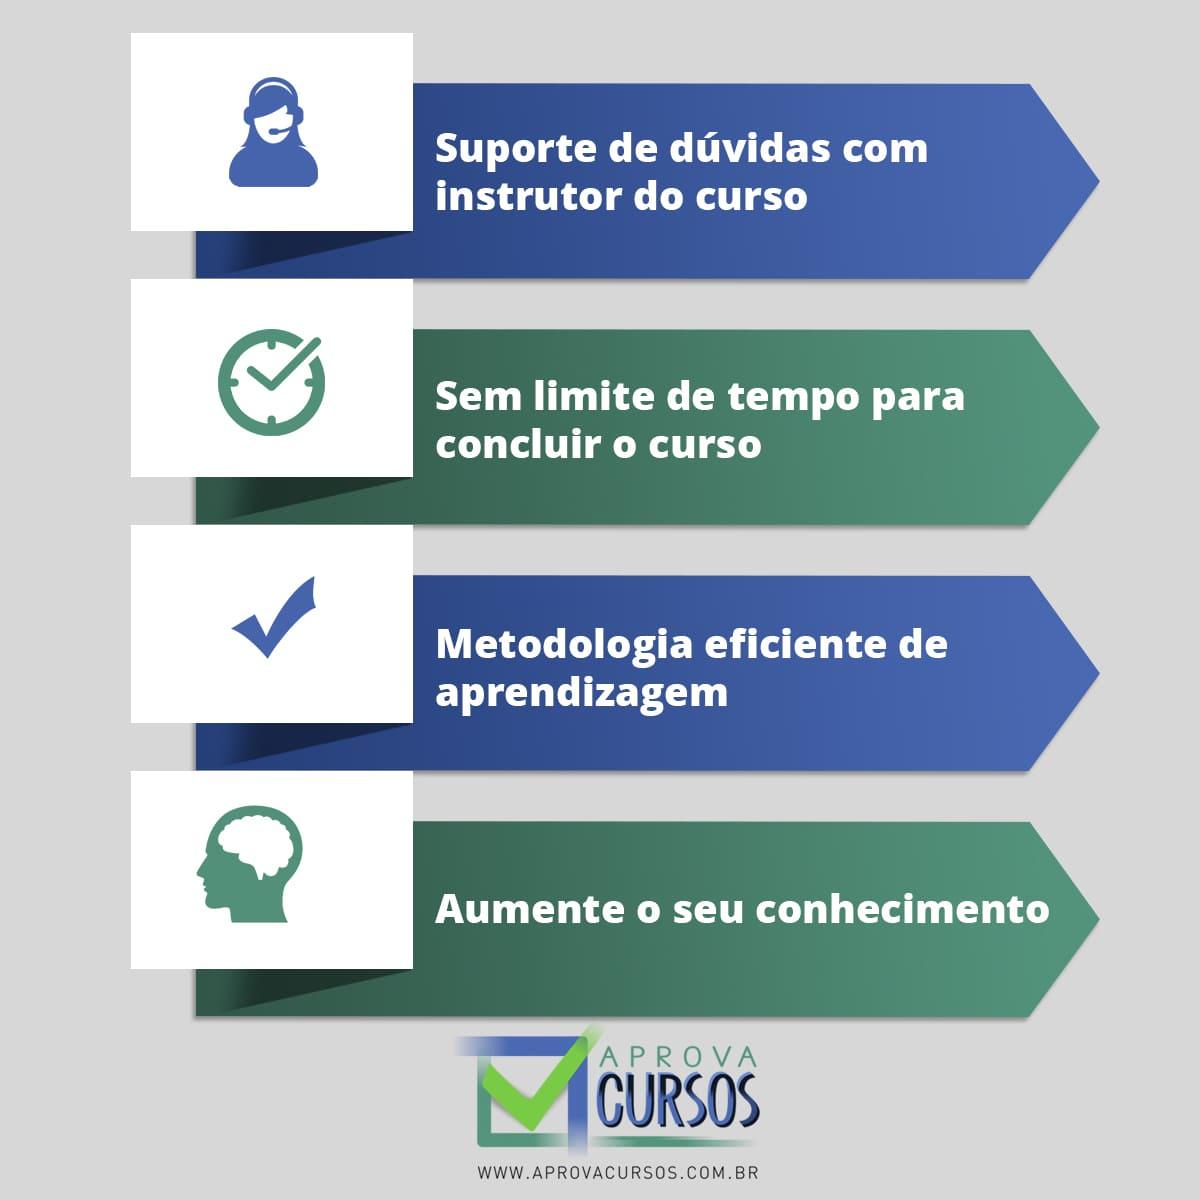 Curso Online de Andragogia e Heutagogia na Educação de Adultos com Certificado  - Aprova Cursos